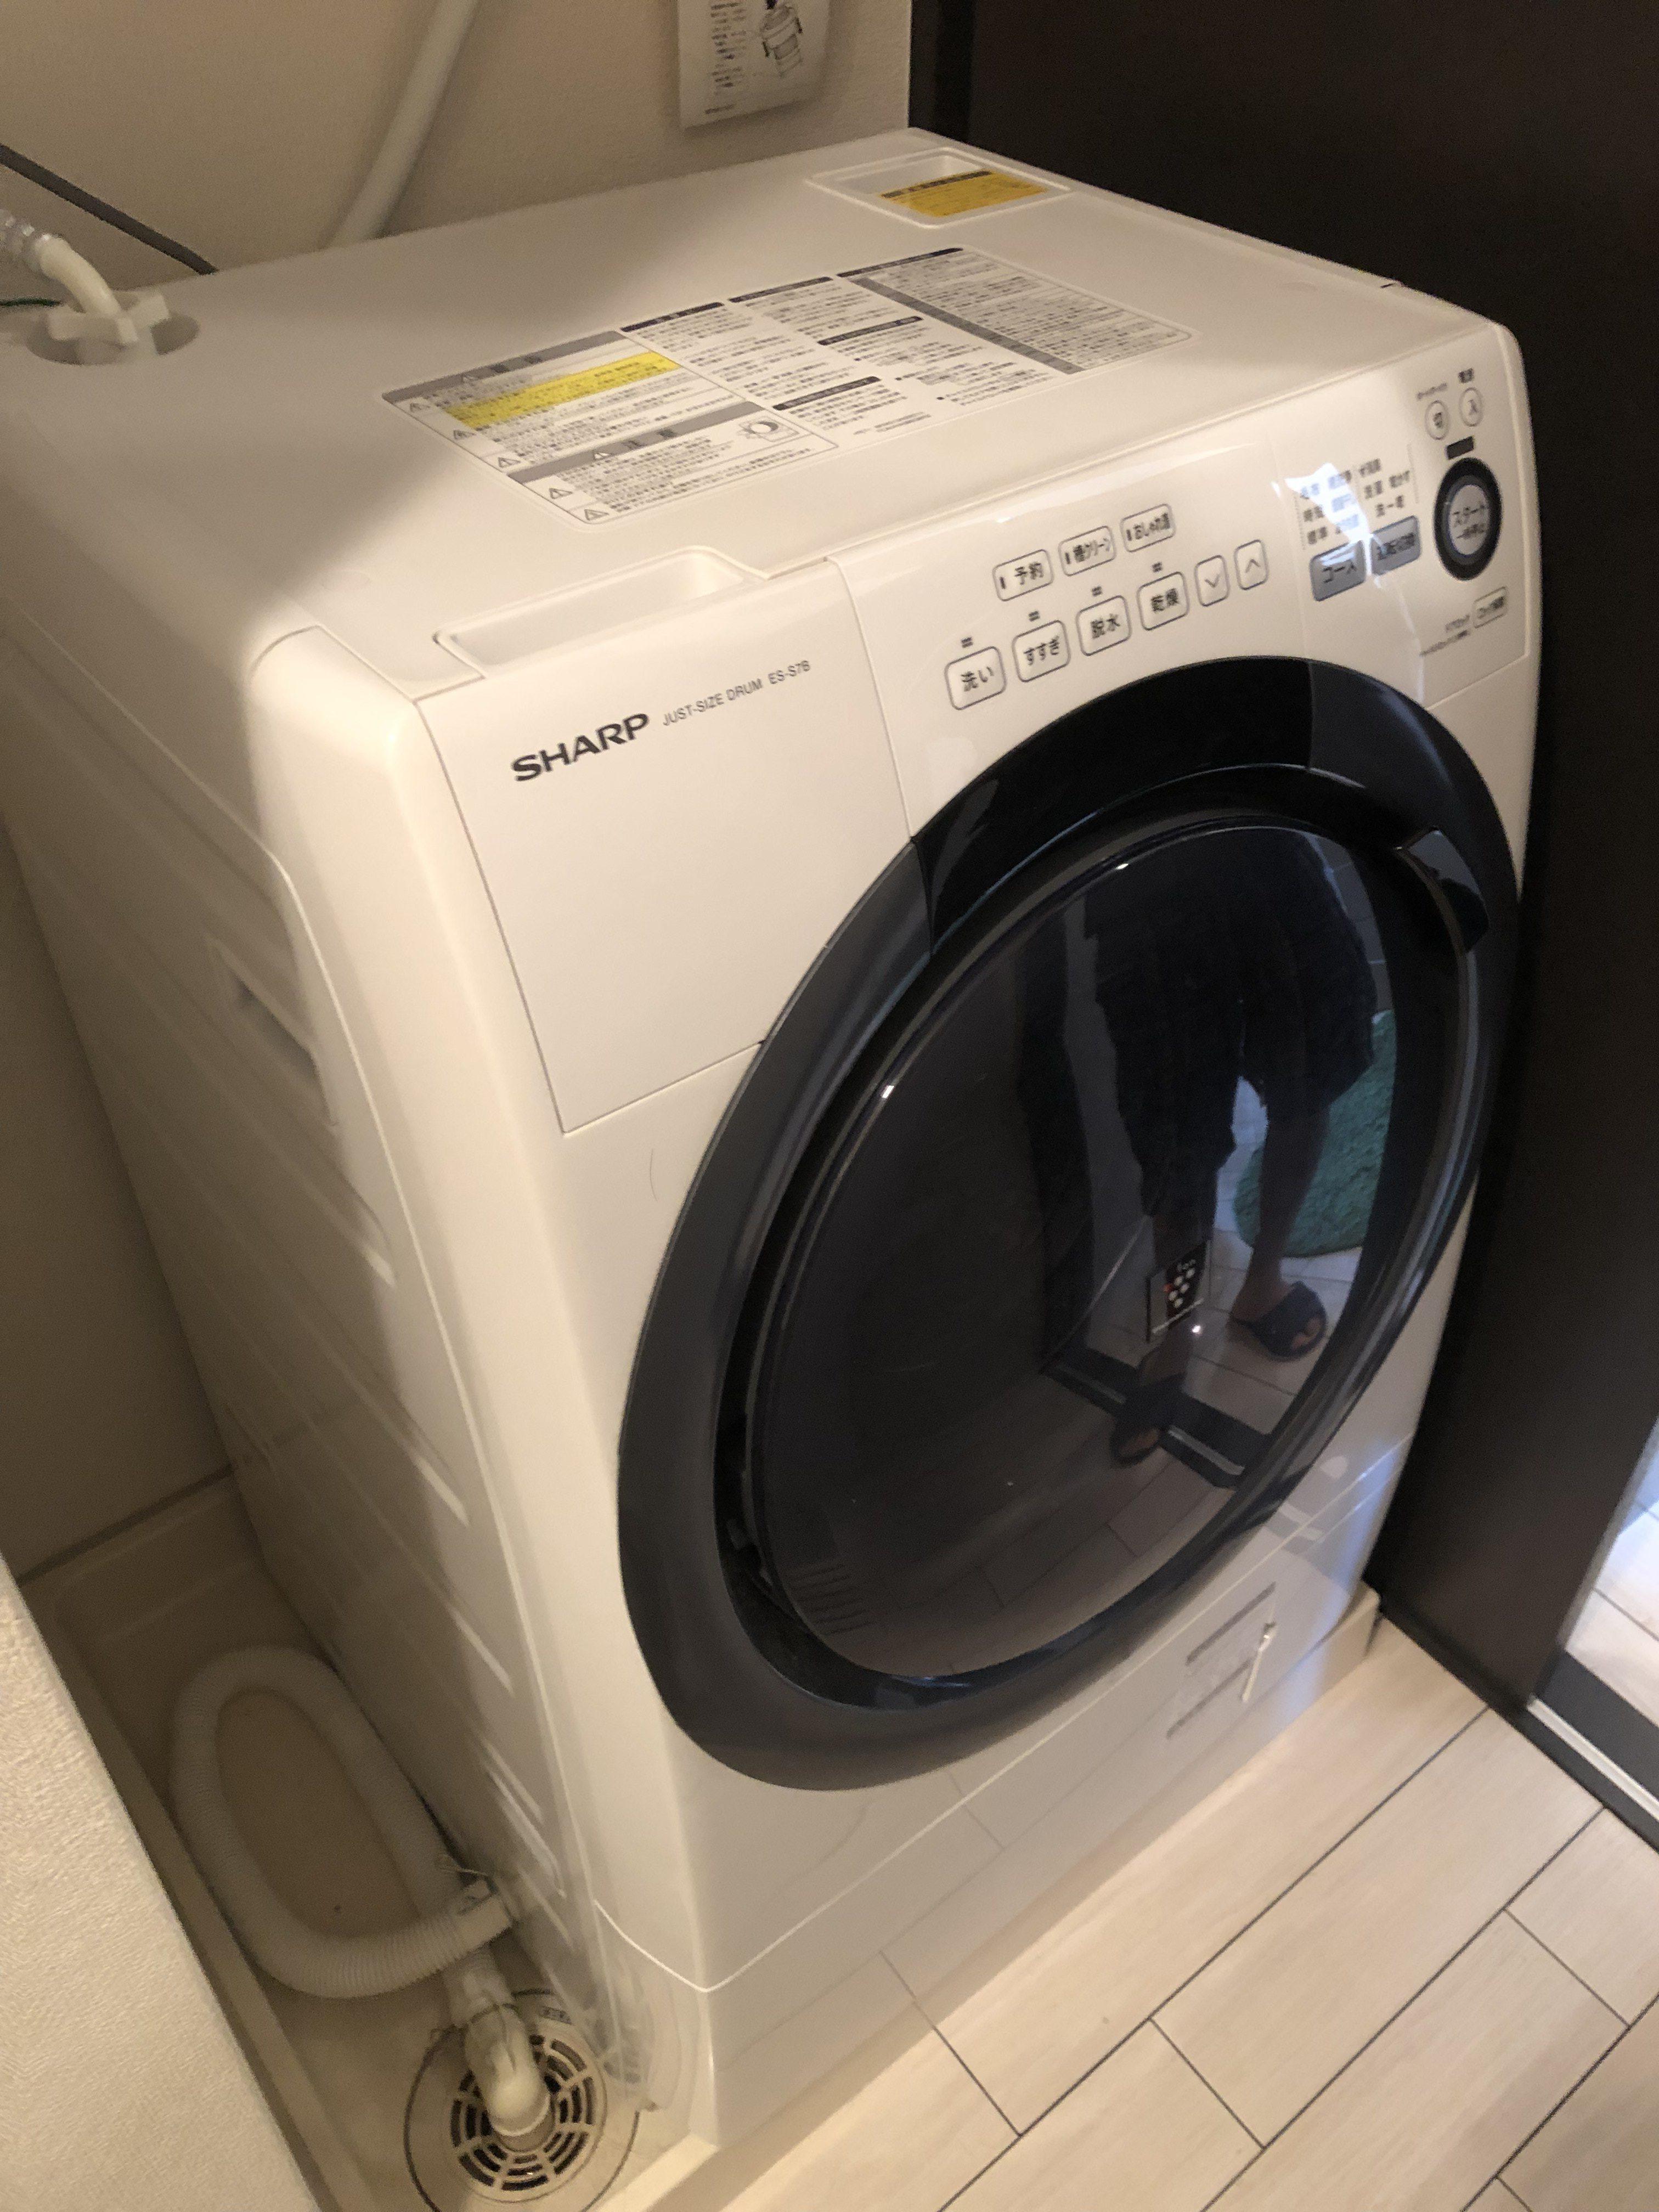 シャープ製ドラム式洗濯機の高価買取り